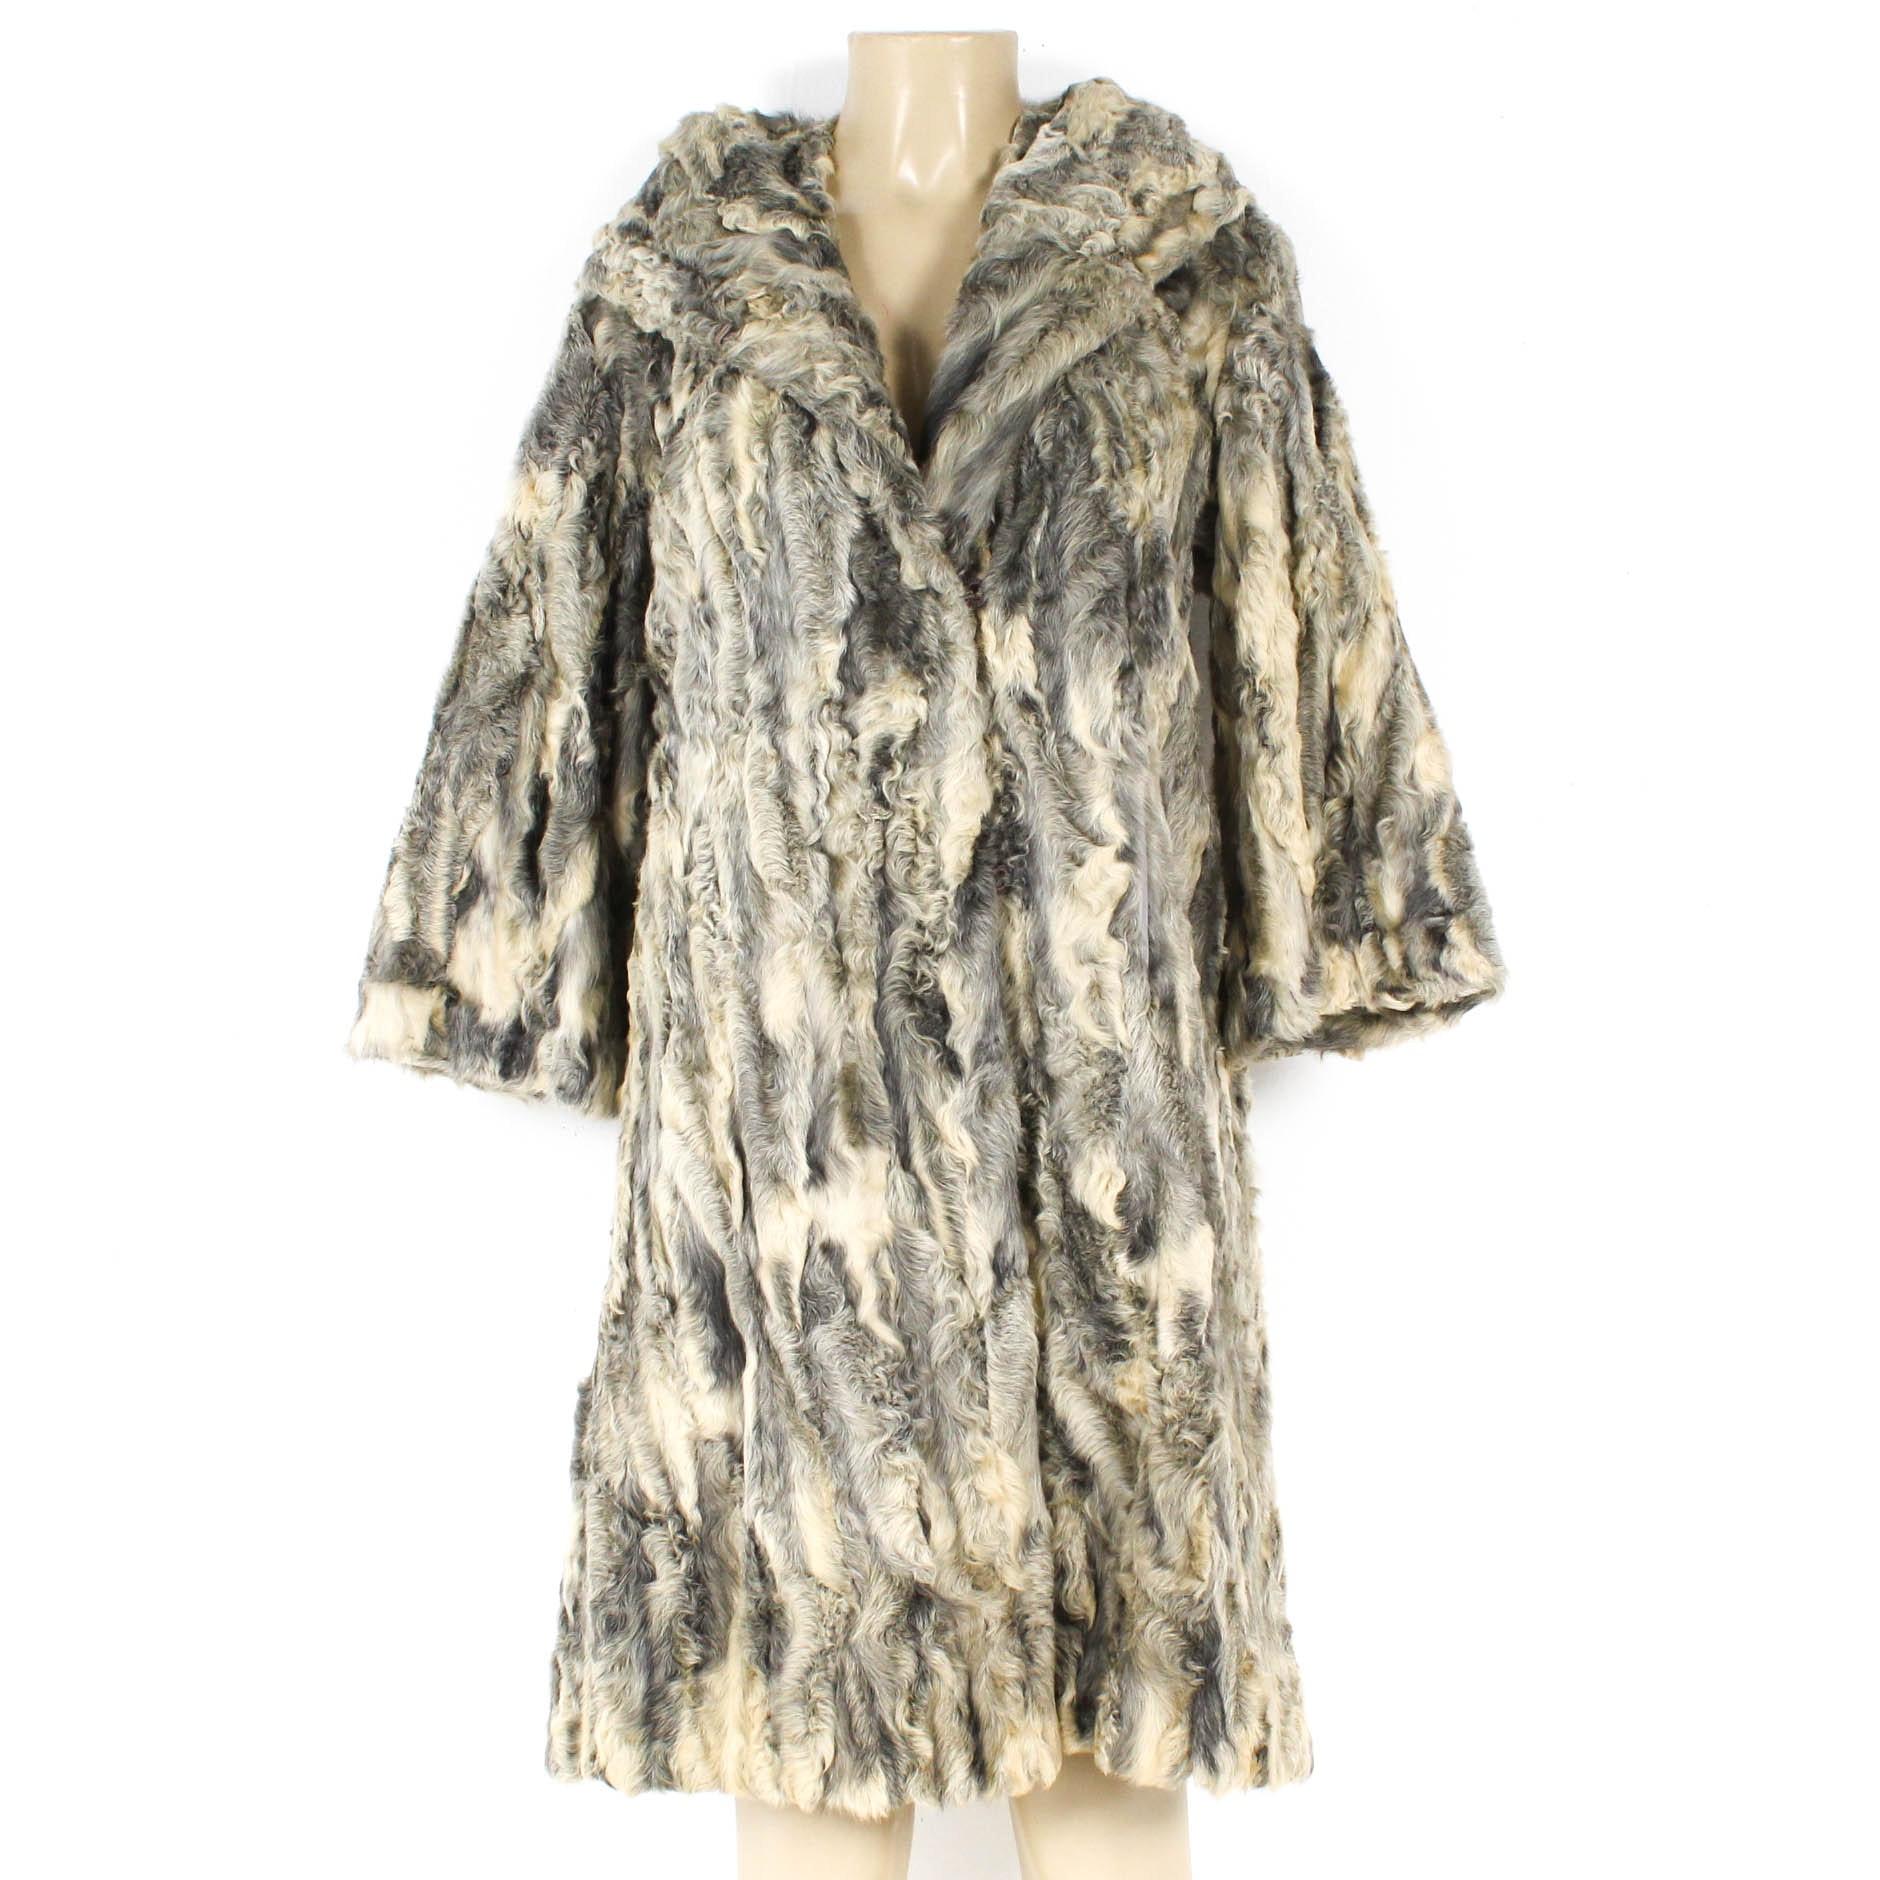 Leakas Furriers Gray Karakal Lamb Fur Coat